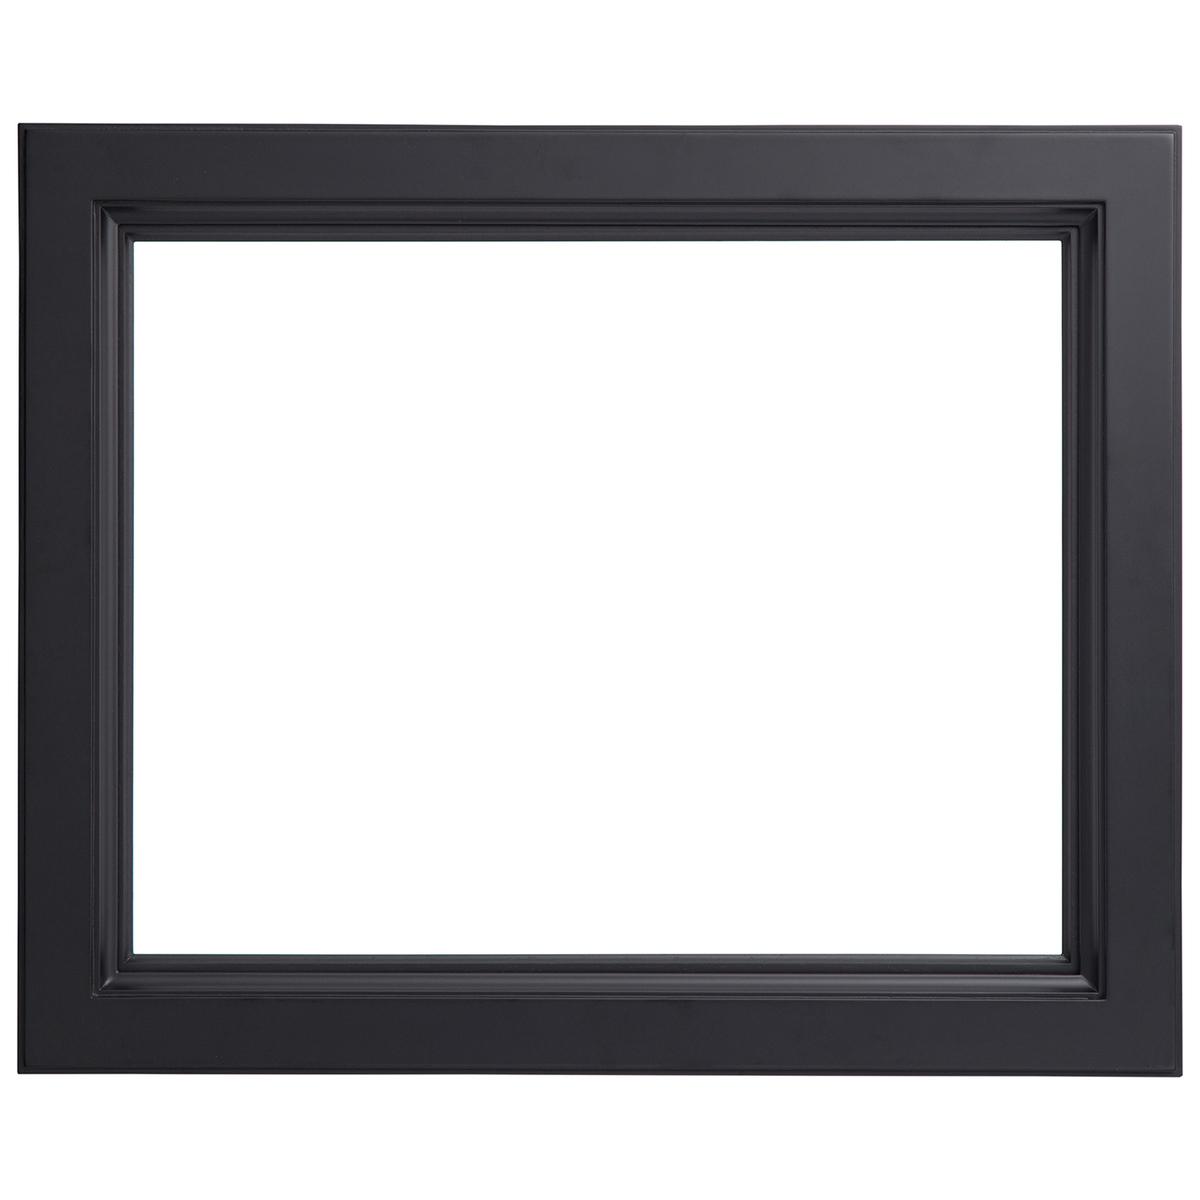 ラーソン・ジュール 油絵用額縁 A260 F12 ブラック